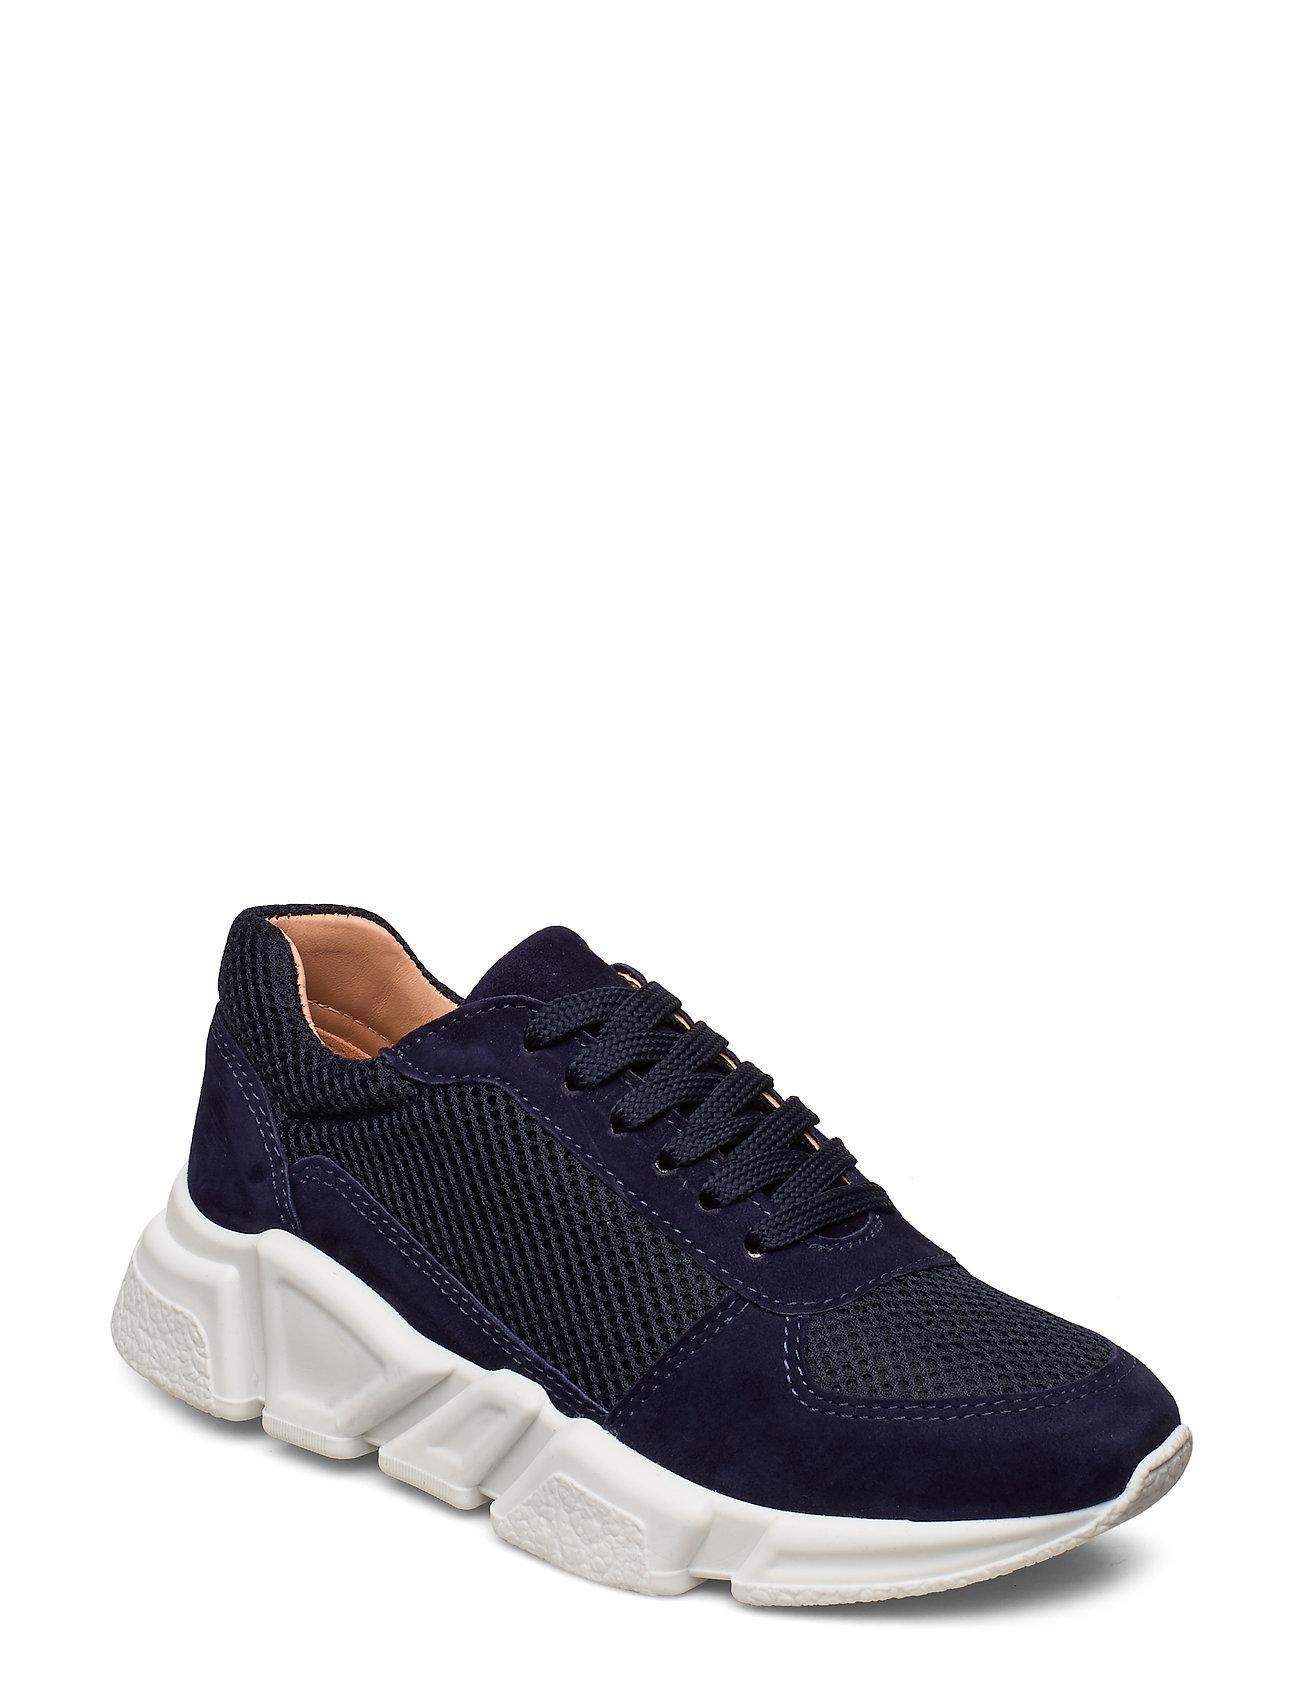 Image of Sport 14261 Low-top Sneakers Blå Billi Bi (3329983725)